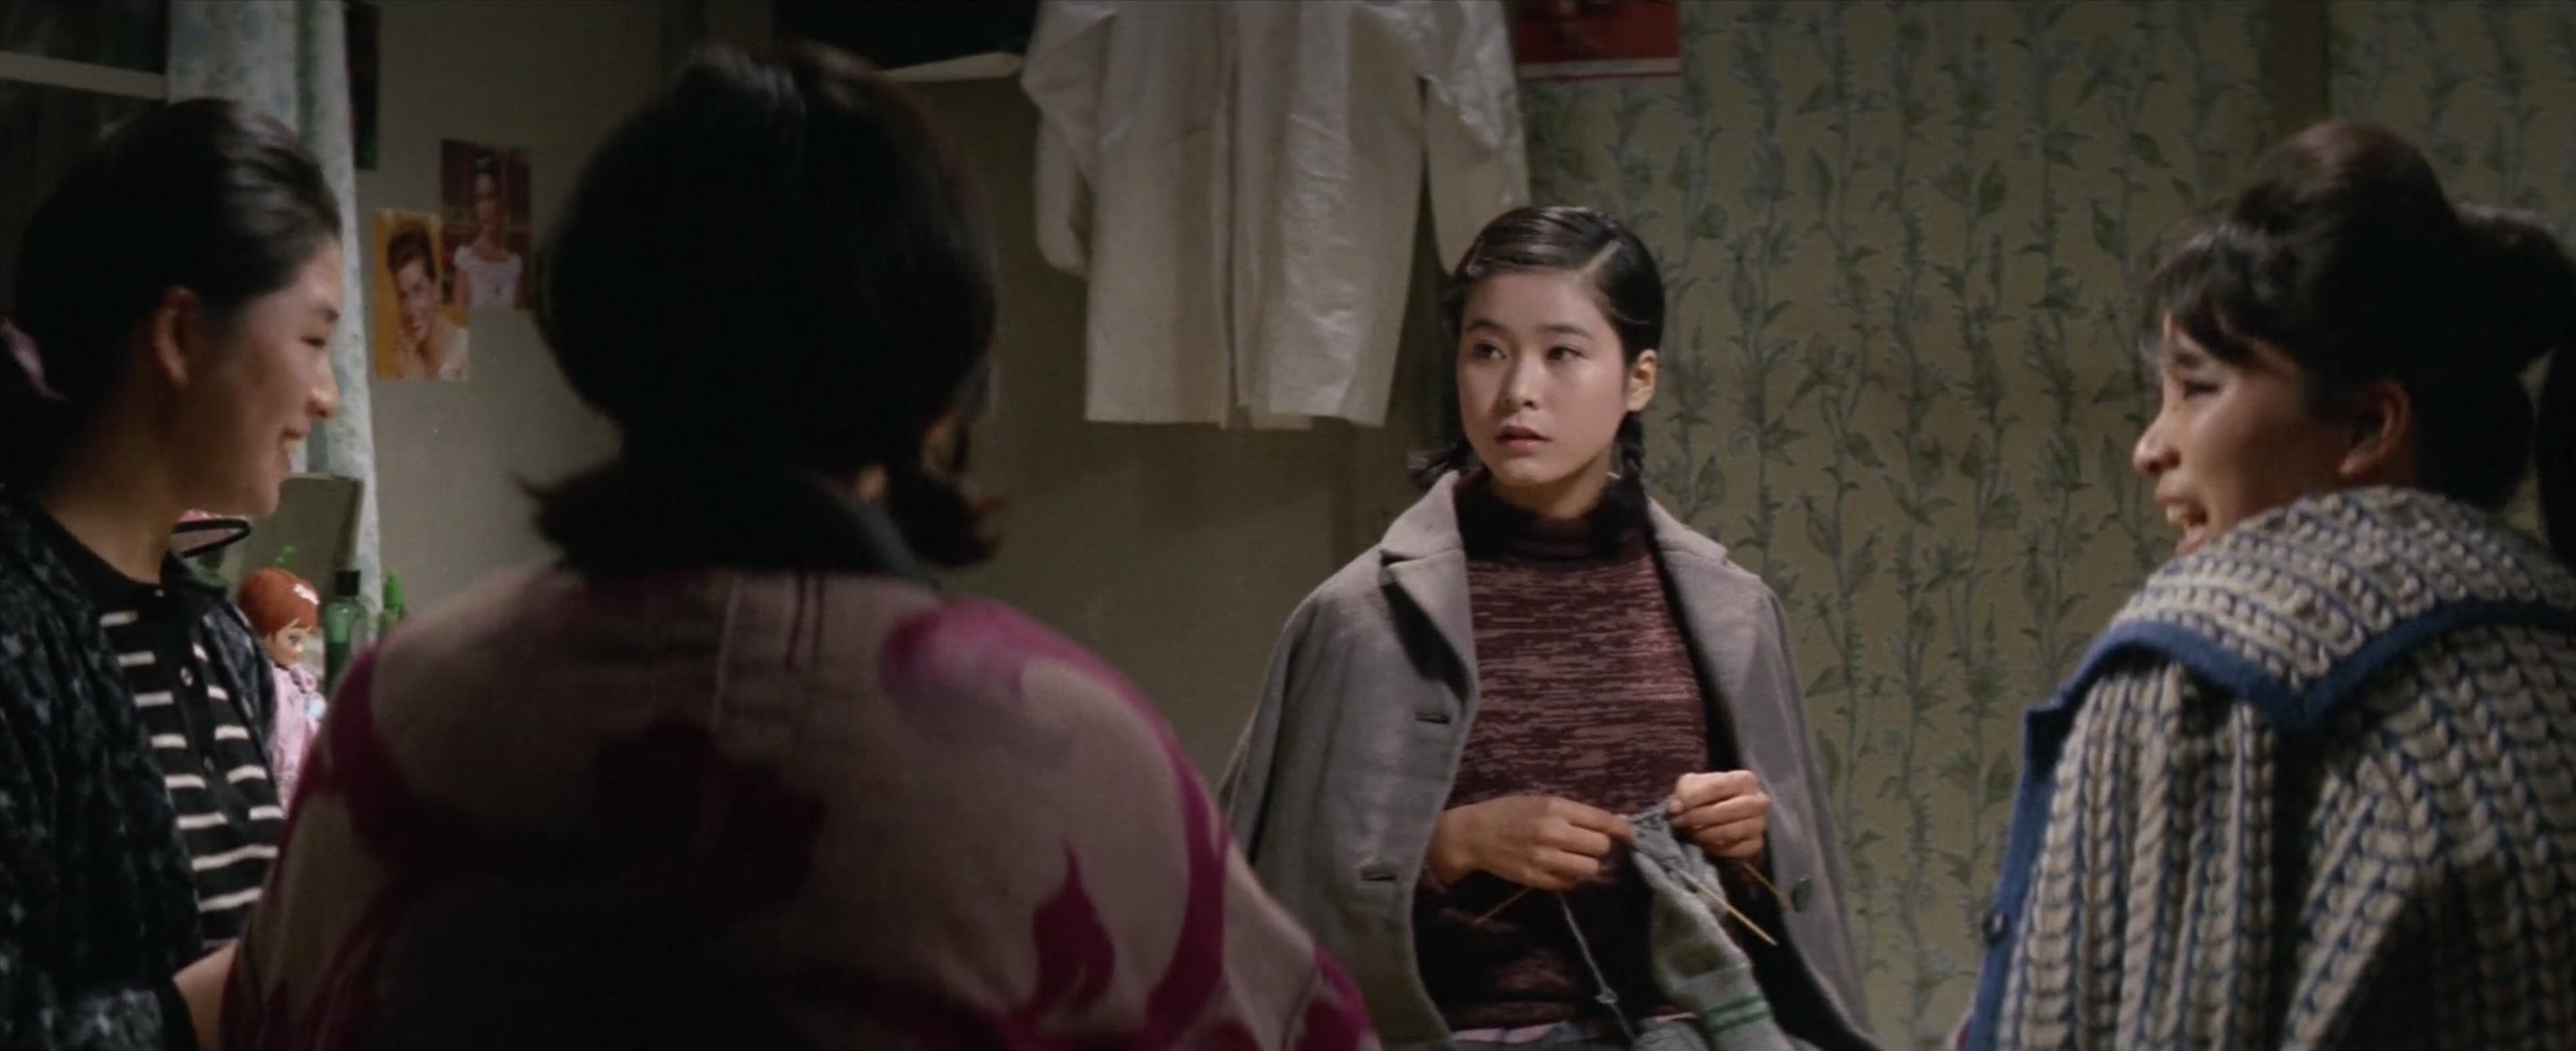 西尾三枝子(Mieko Nishio)「美しい十代」(1964)《前編》_e0042361_21082560.jpg